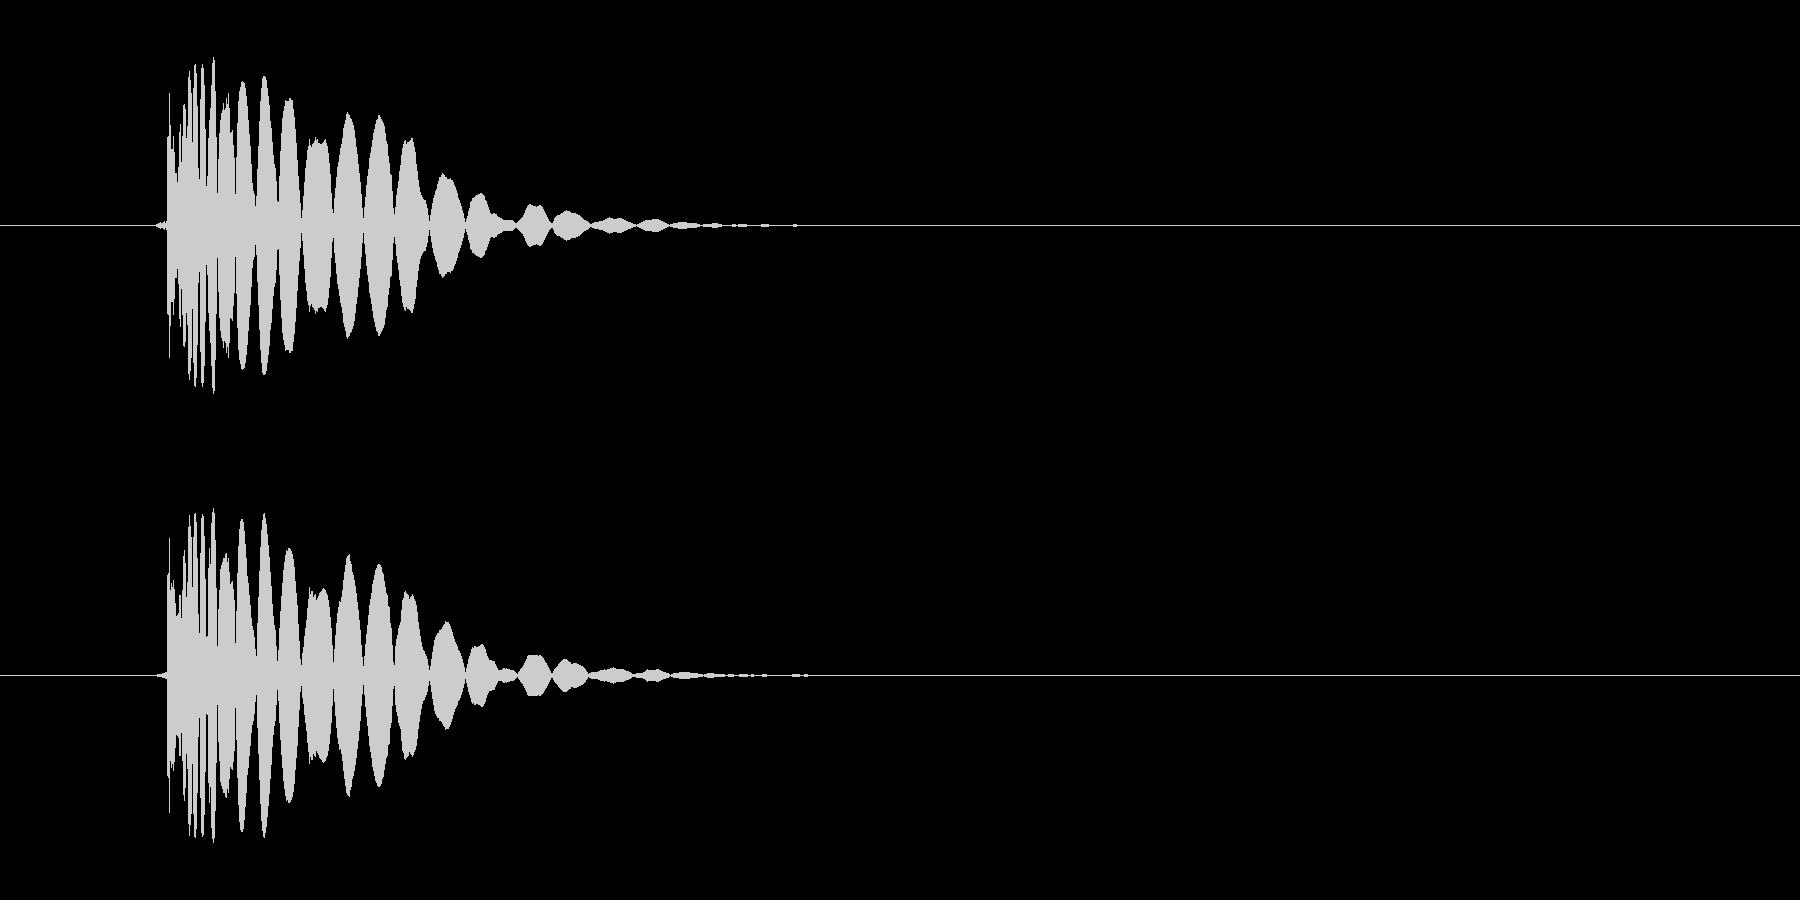 ヒット音(蹴る-7 打撃のインパクト音)の未再生の波形